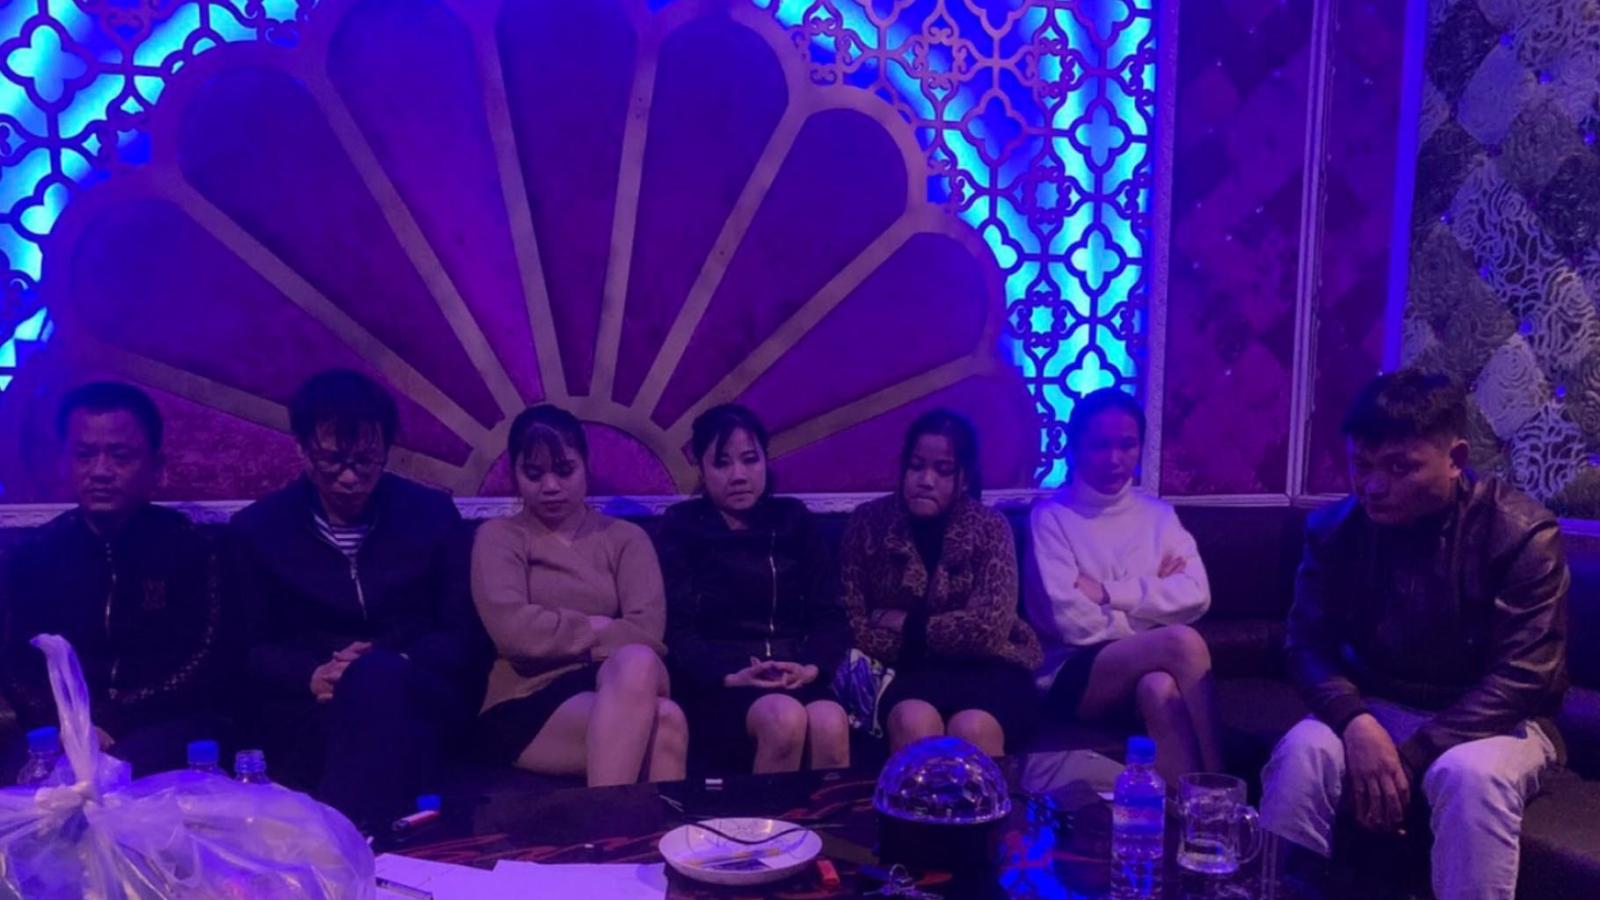 7 nam, nữ sử dụng ma túy trong quán karaoke